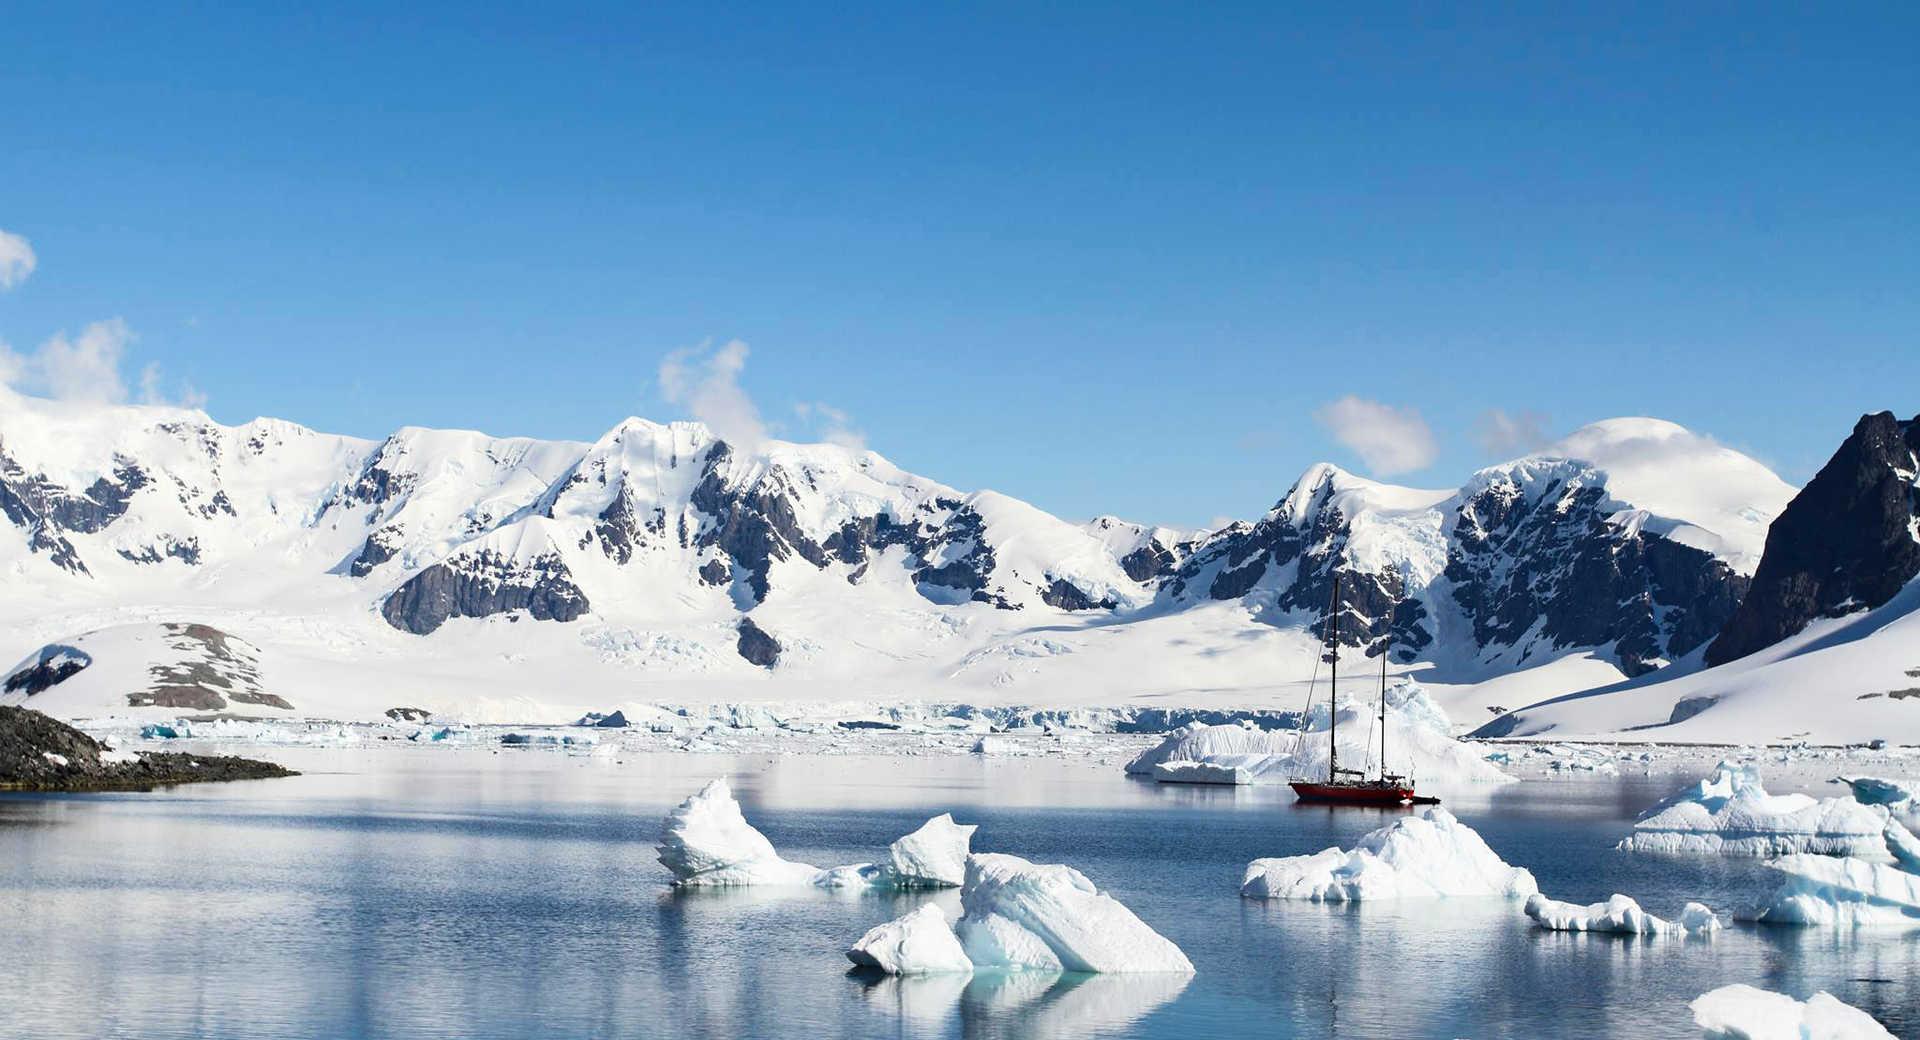 Croisière en voilier en Antarctique